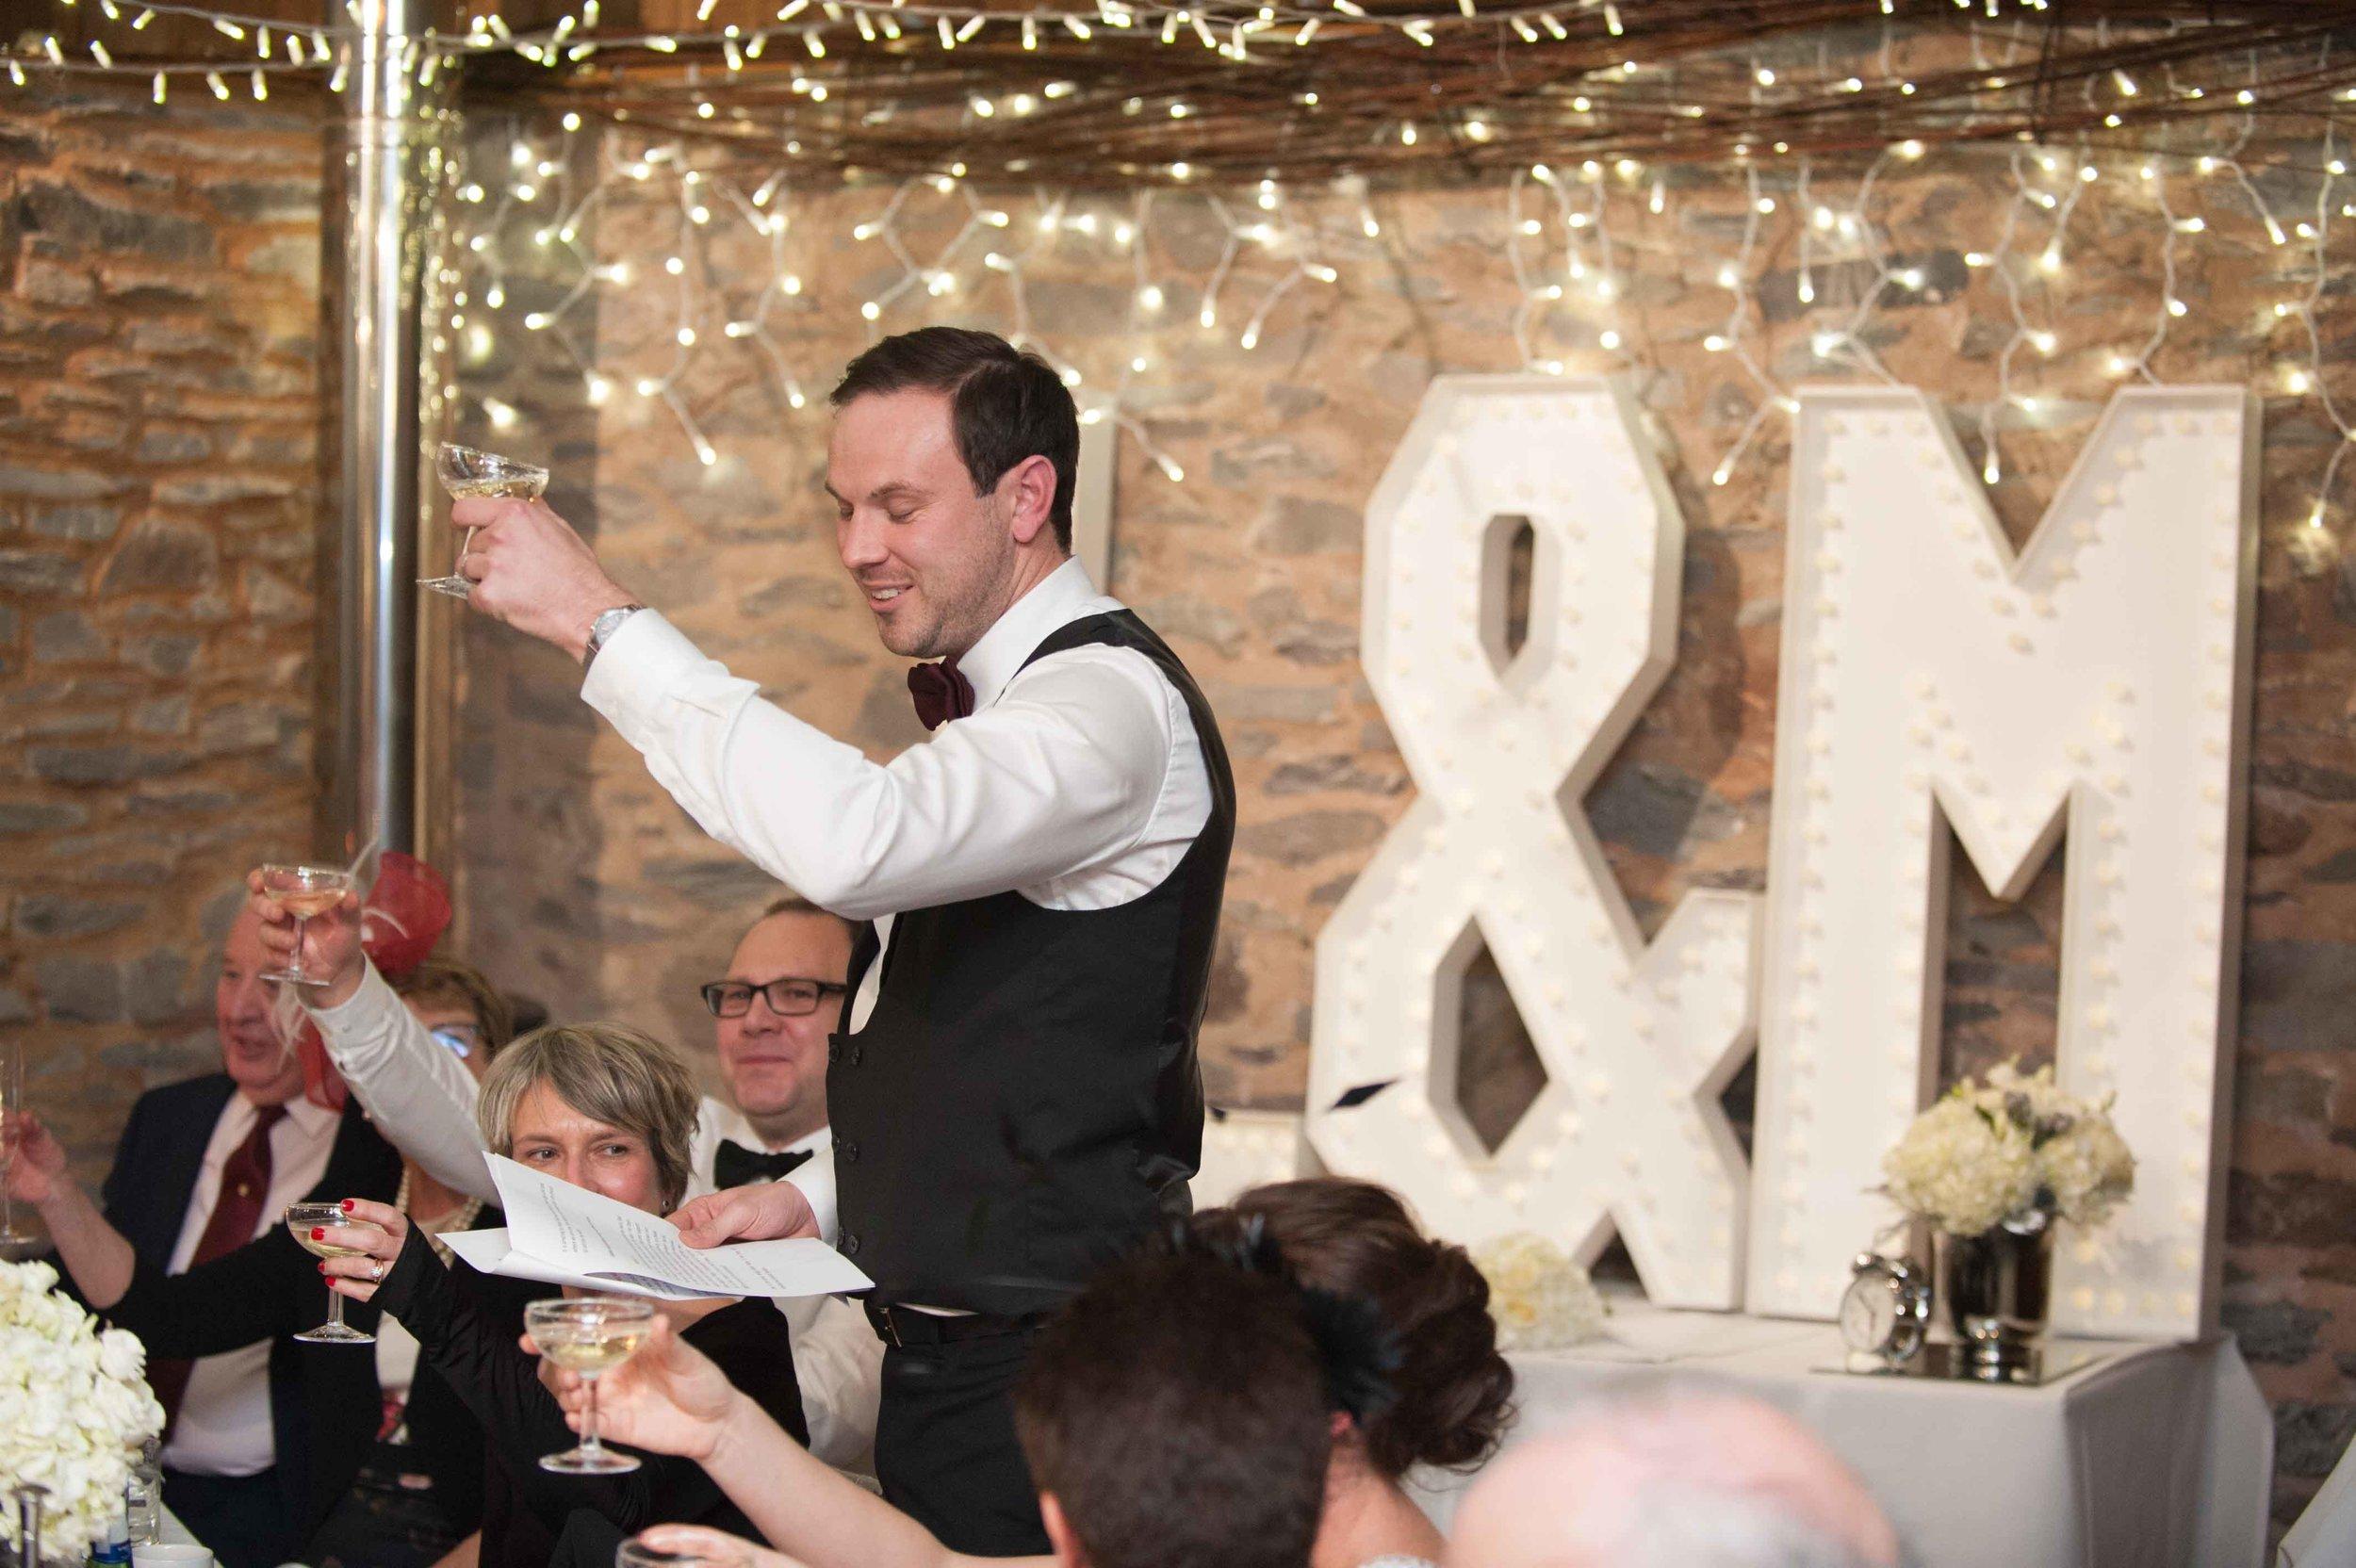 Charnwood-Weddings-Matt-Lucy-1053.jpg